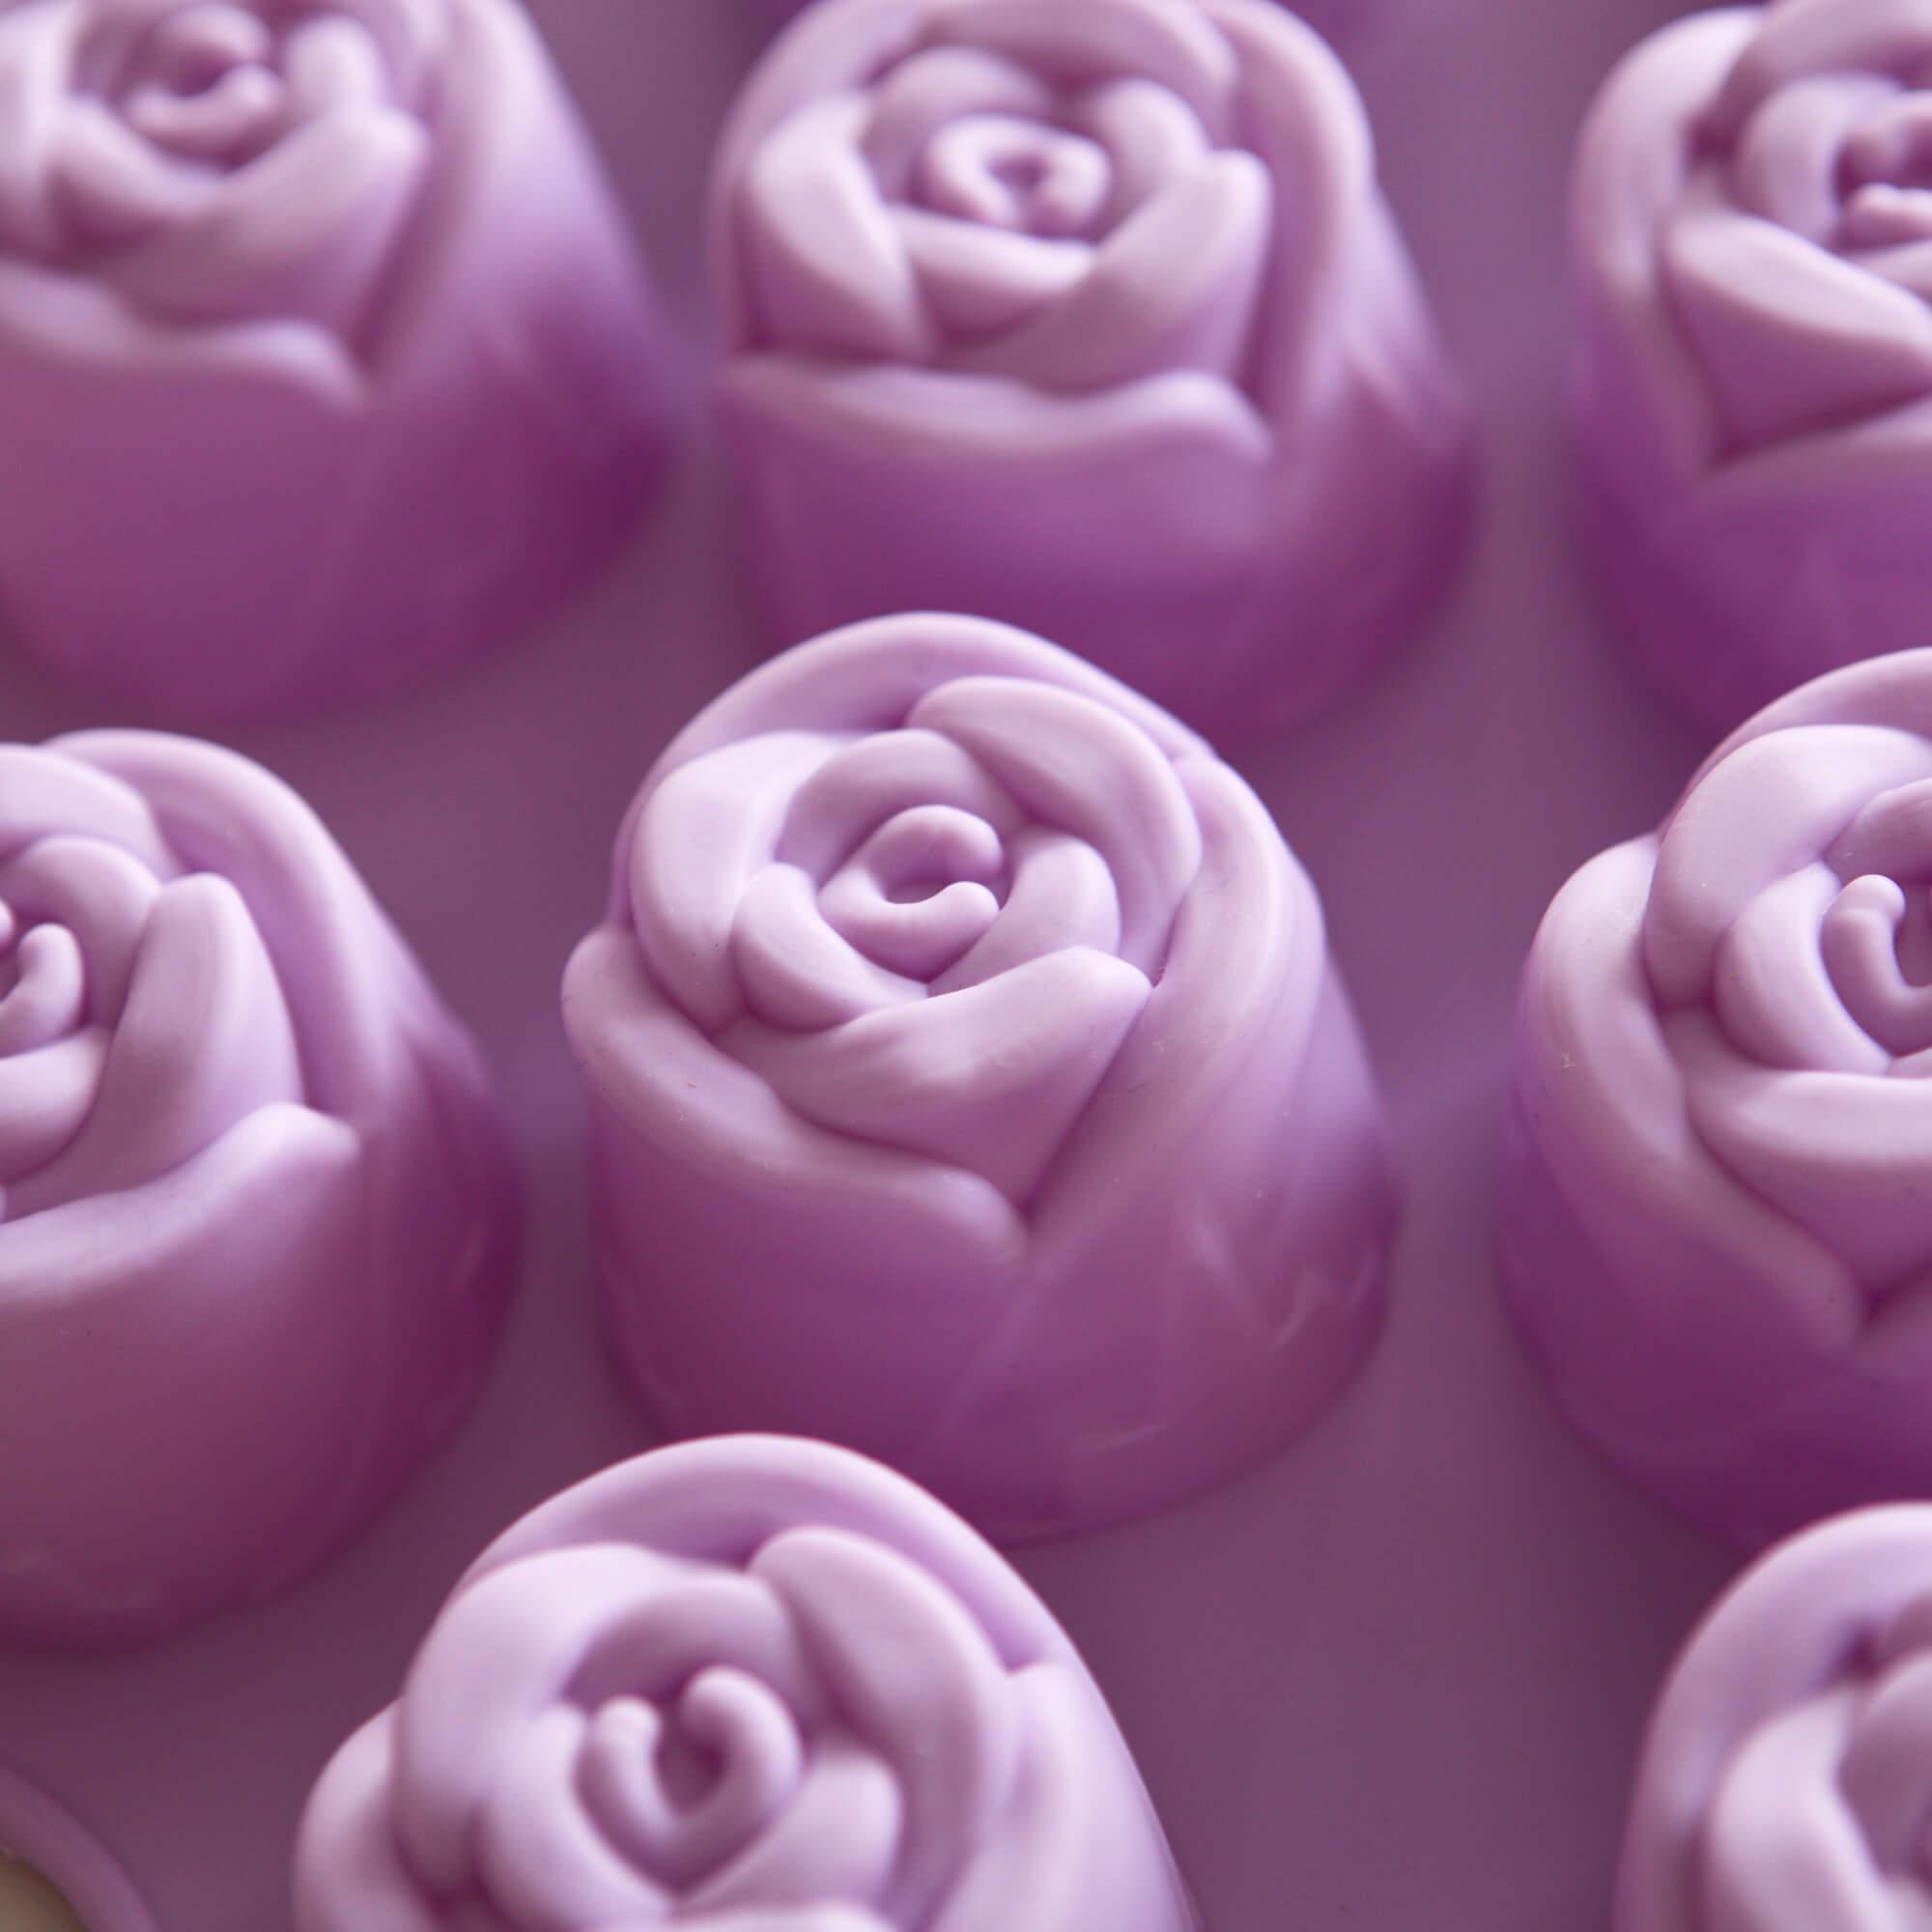 Forma De Bolo Com Formato de Rosas em Silicone REF 2625